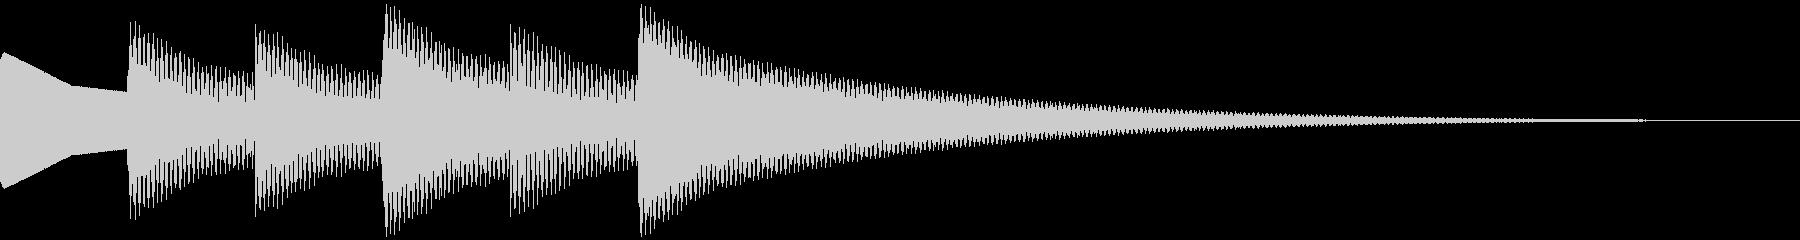 正解音 ピロピロピローン(スタンダード)の未再生の波形